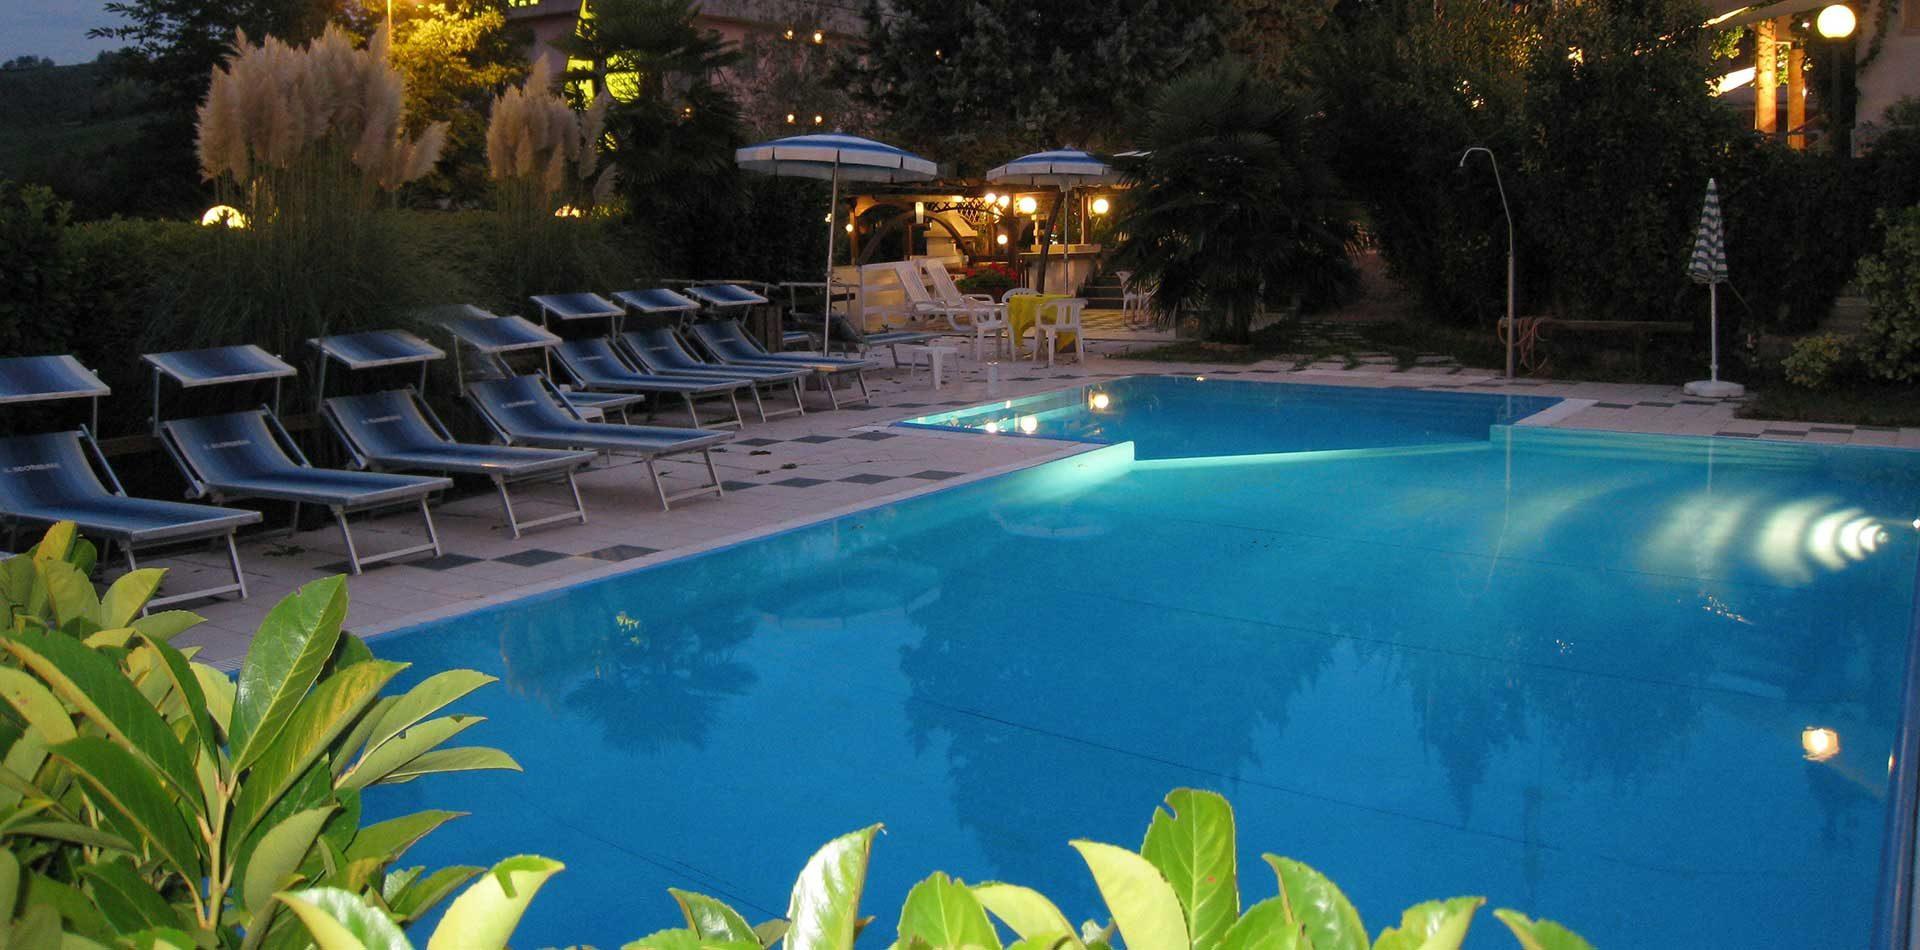 hotelboomerang-piscina